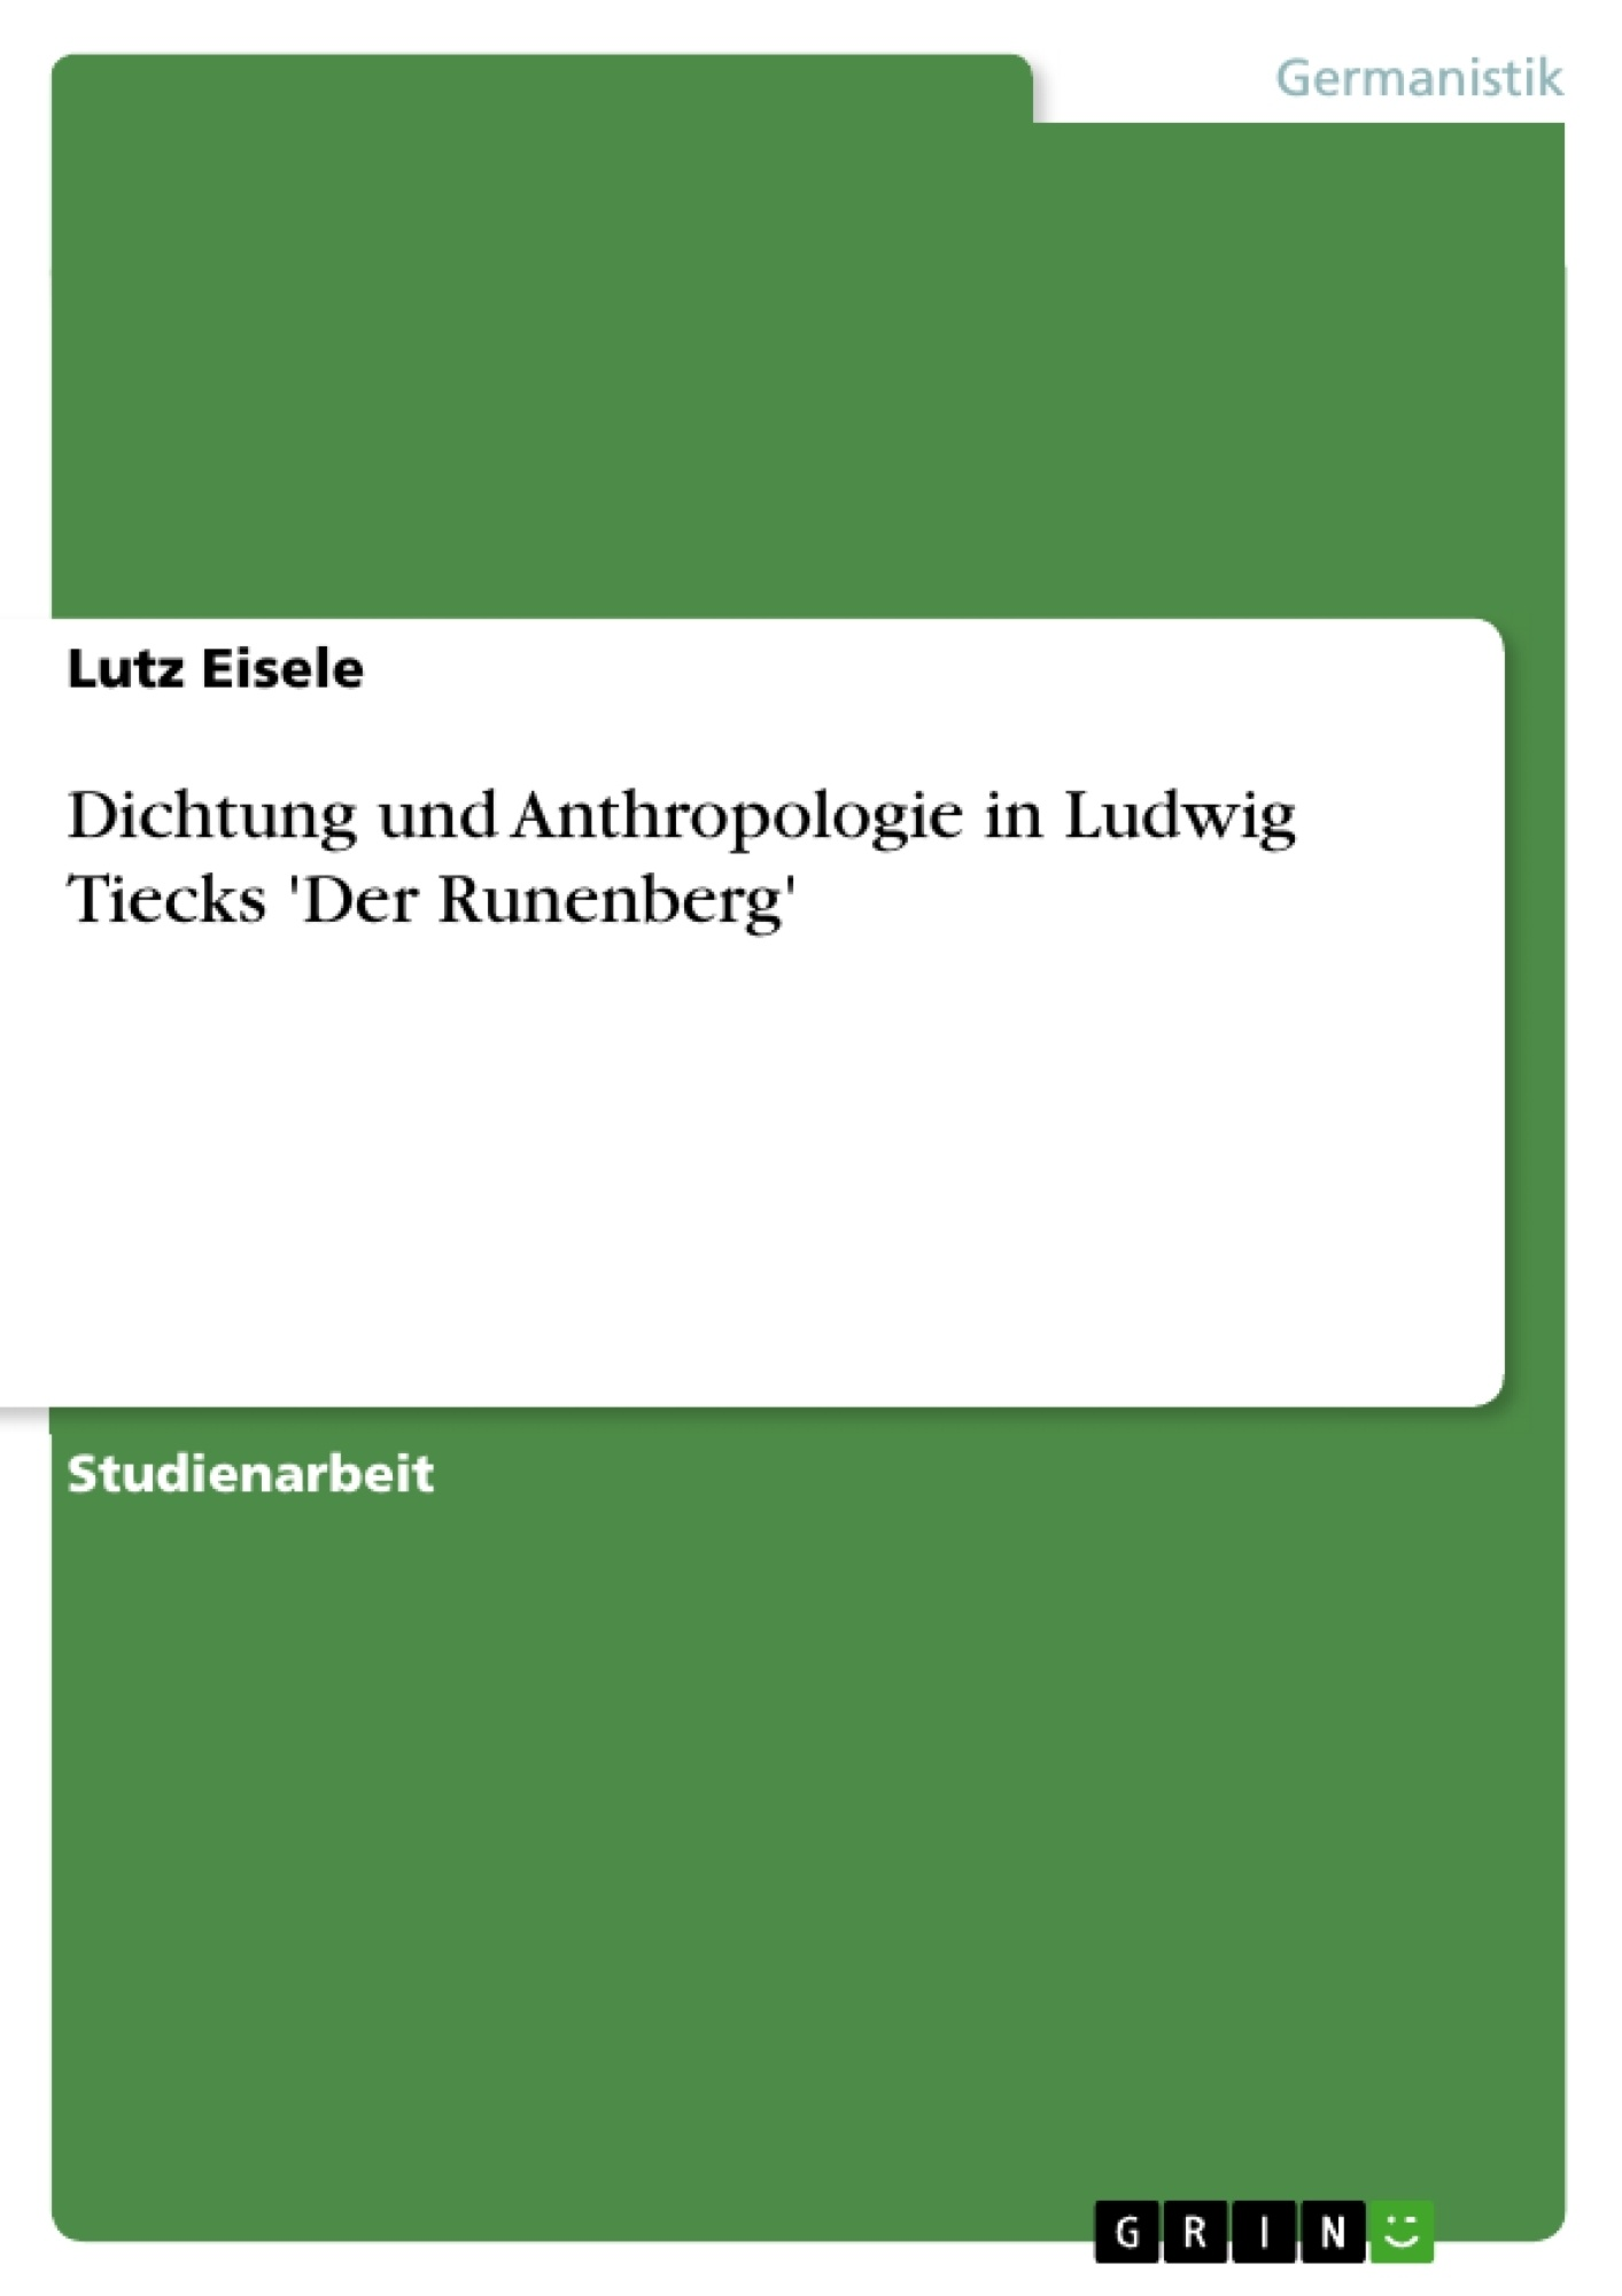 Titel: Dichtung und Anthropologie in Ludwig Tiecks 'Der Runenberg'